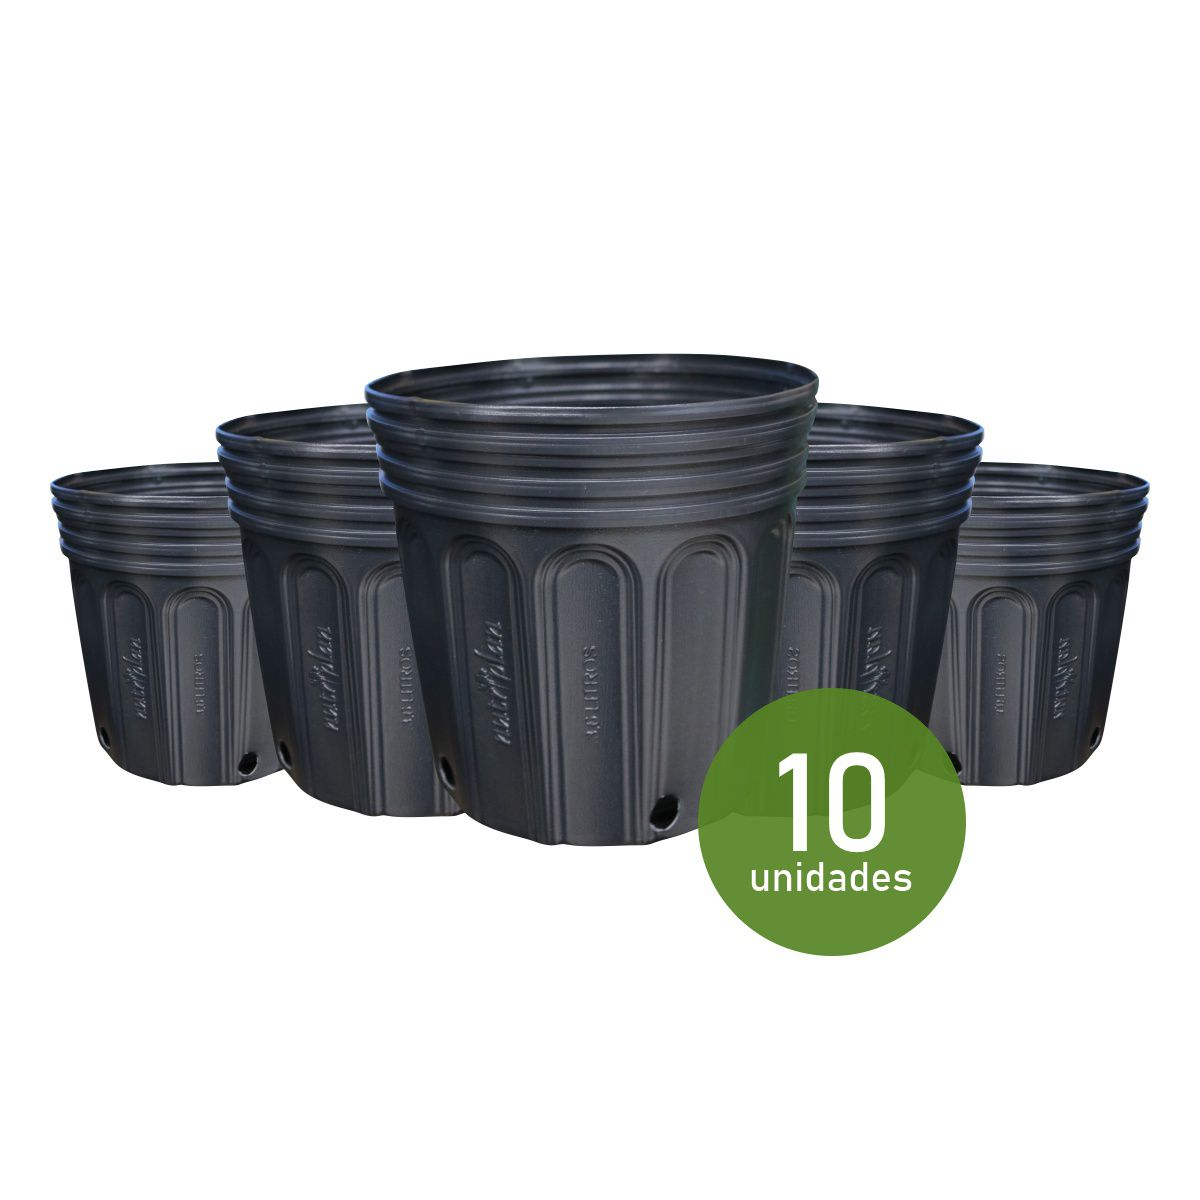 Vaso (embalagem) para muda Kit com 10 potes de 3,6 Litros